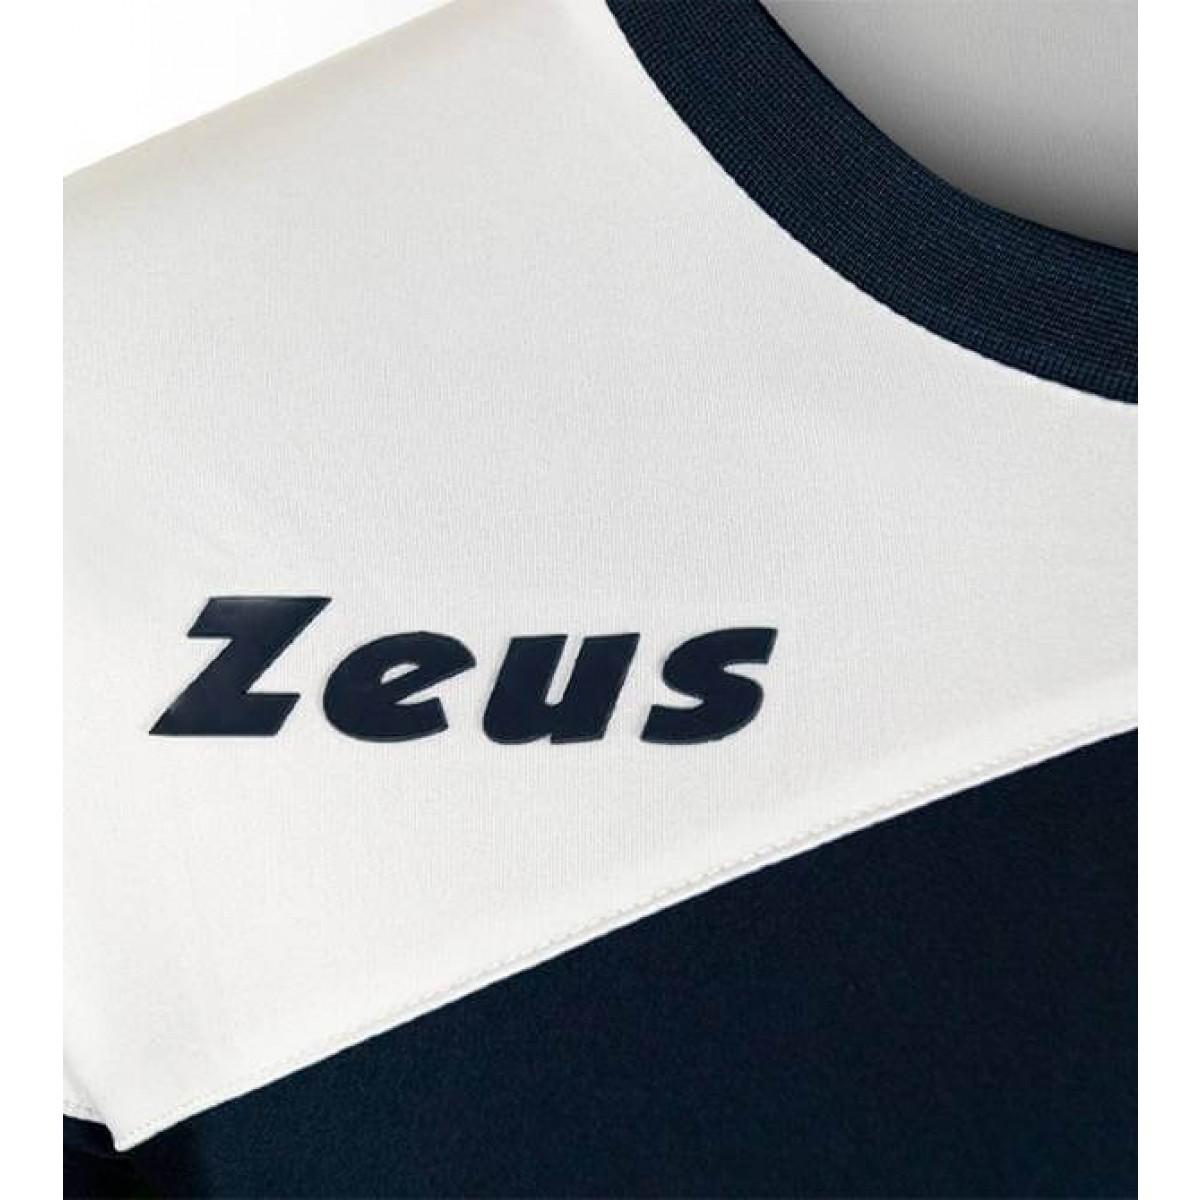 Zeus Lybra Uomo spillesaet neon gul moerkeblaa